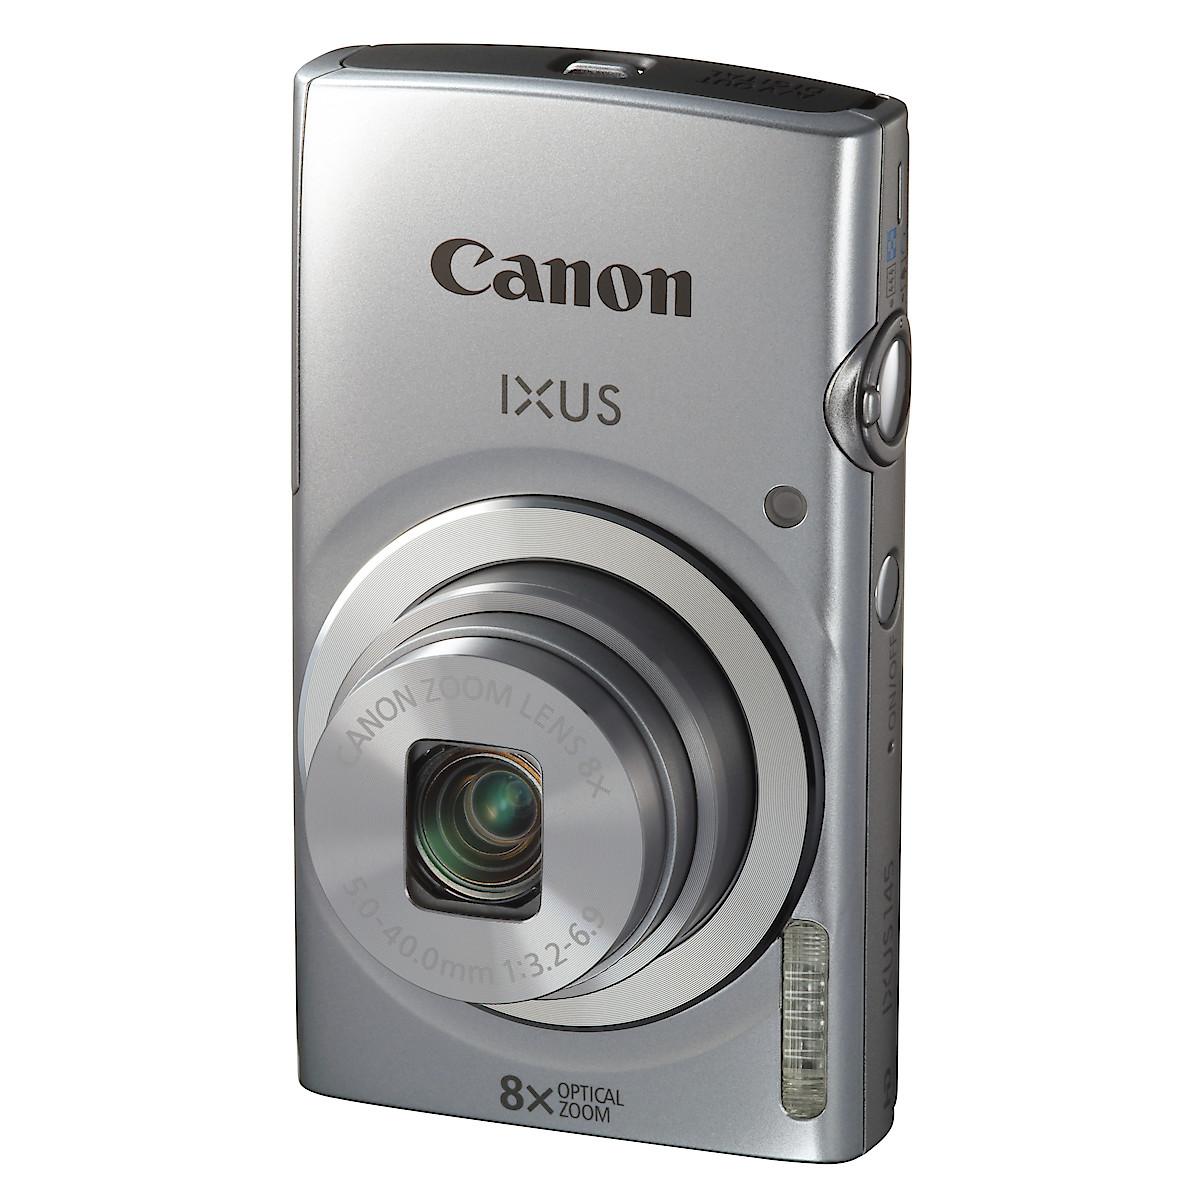 Kamera Canon Ixus 145